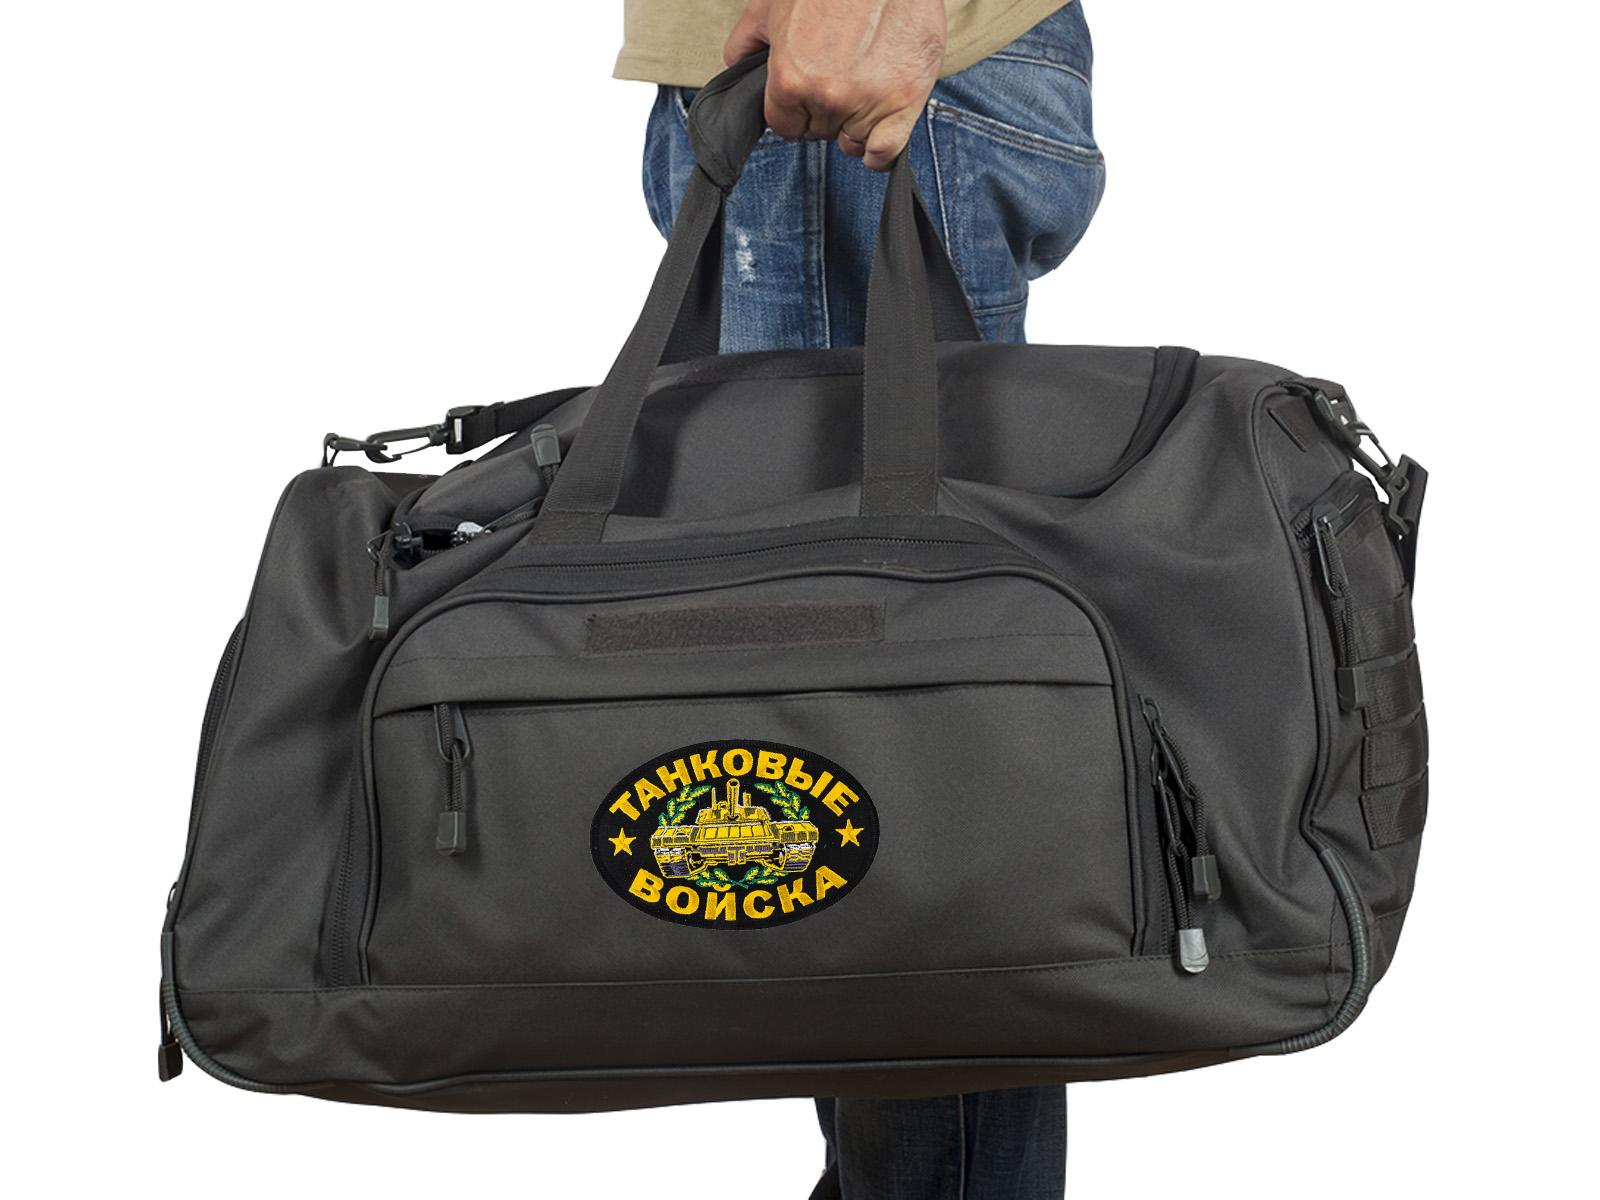 Купить удобную темно-серую сумку с нашивкой Танковые Войска 08032B с доставкой онлайн